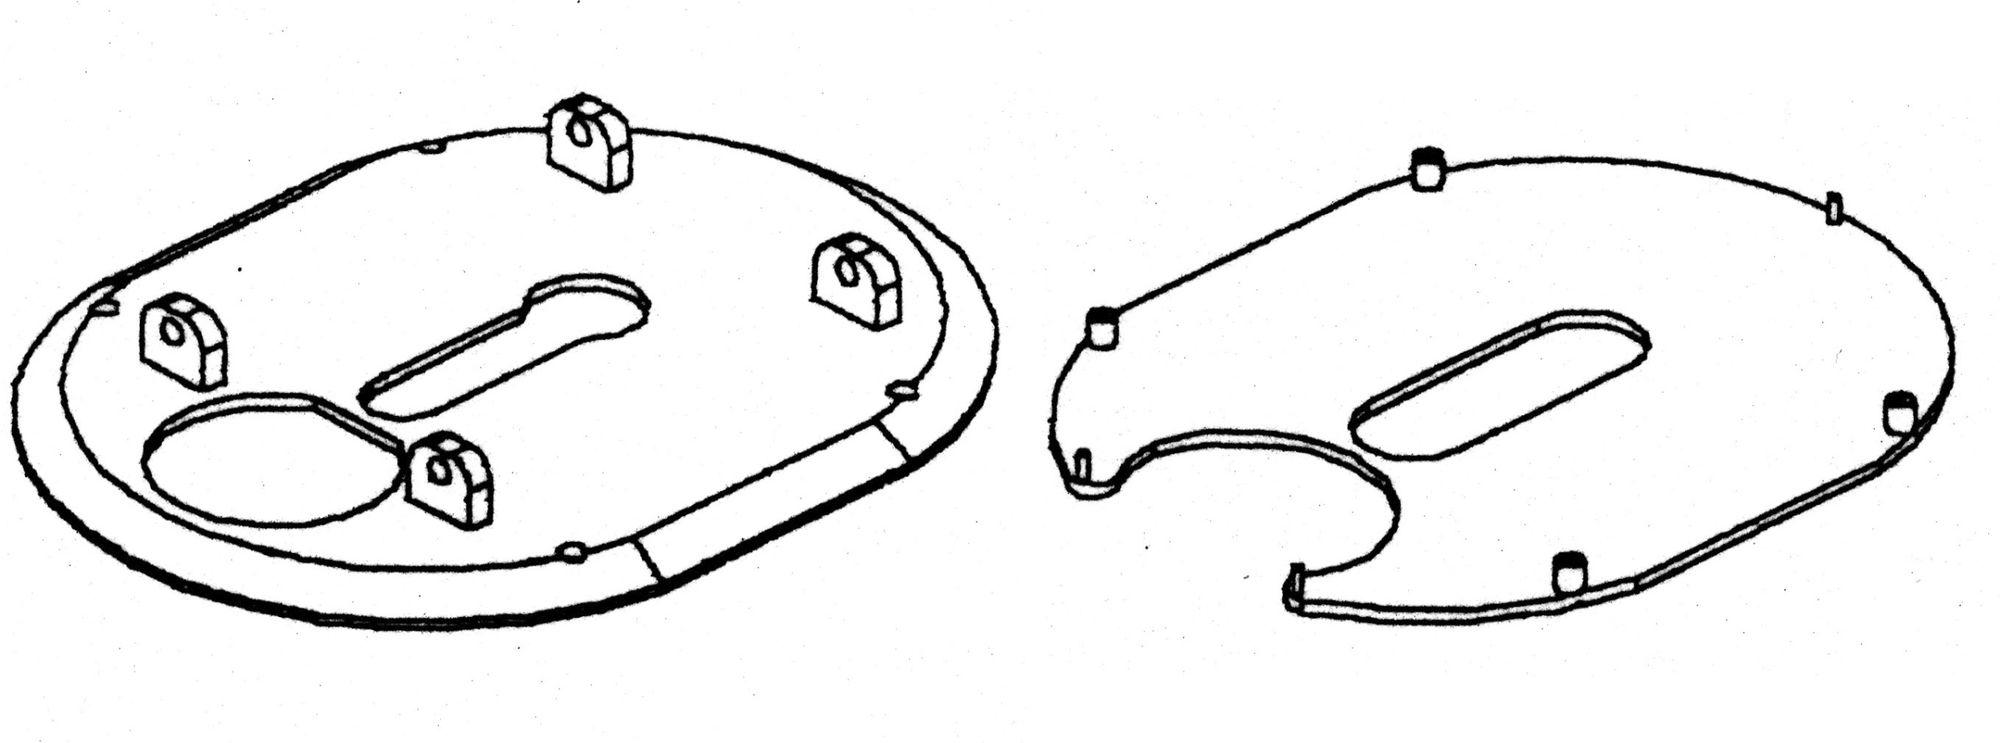 Sägeaufsatz ohne Sägeblatt nur für Winkelschl. m. 3 Gewinden